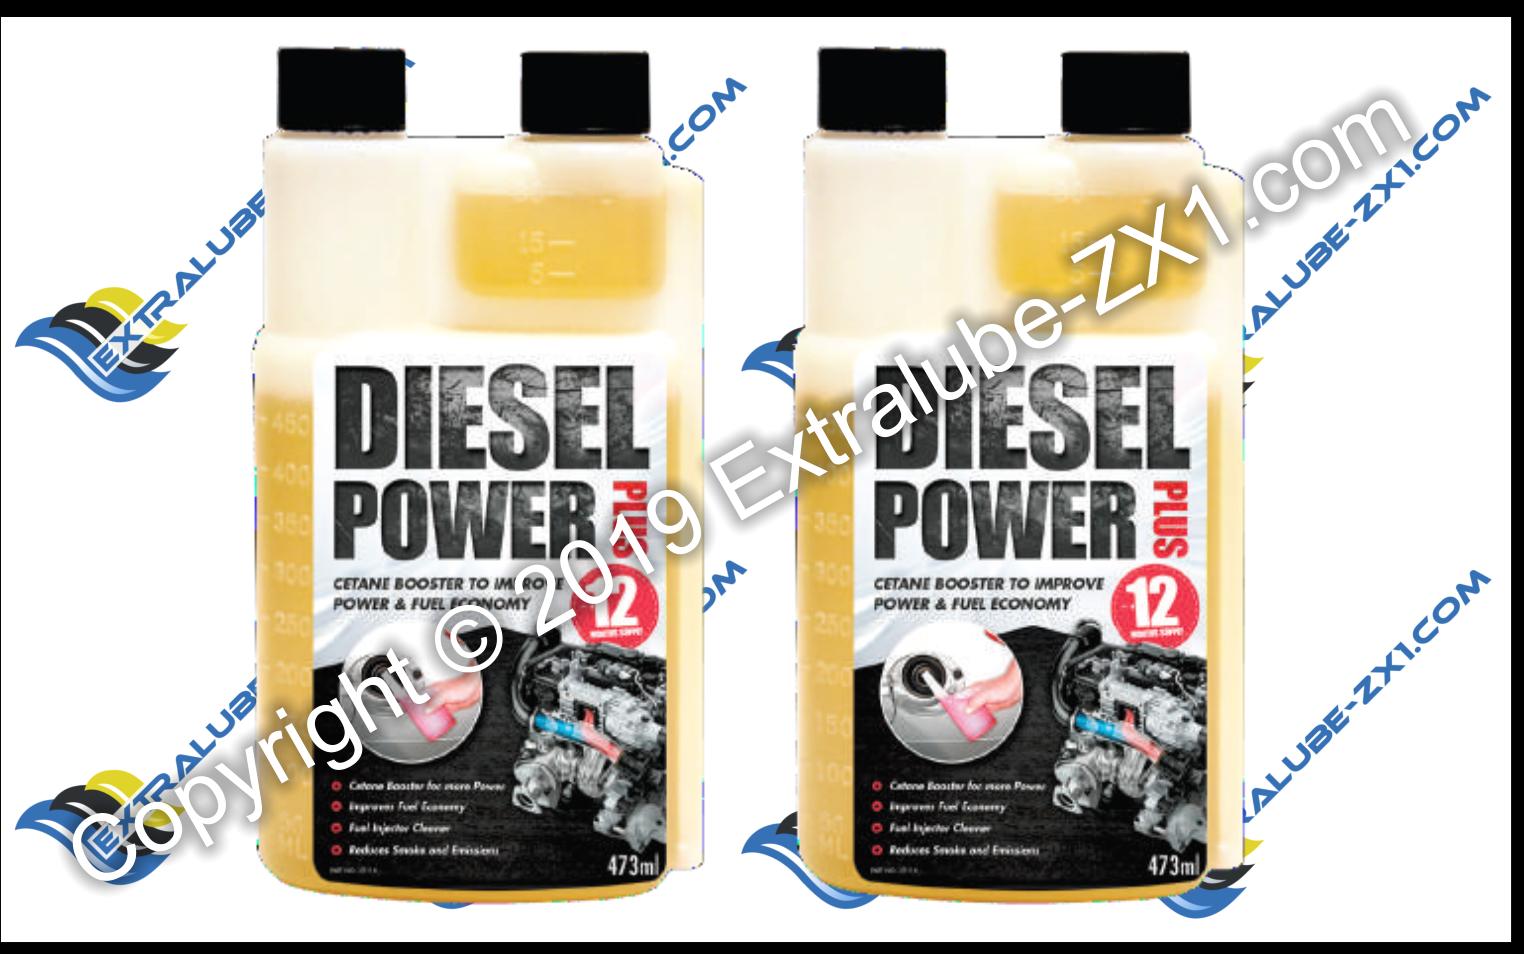 Diesel Power Plus Double Pack